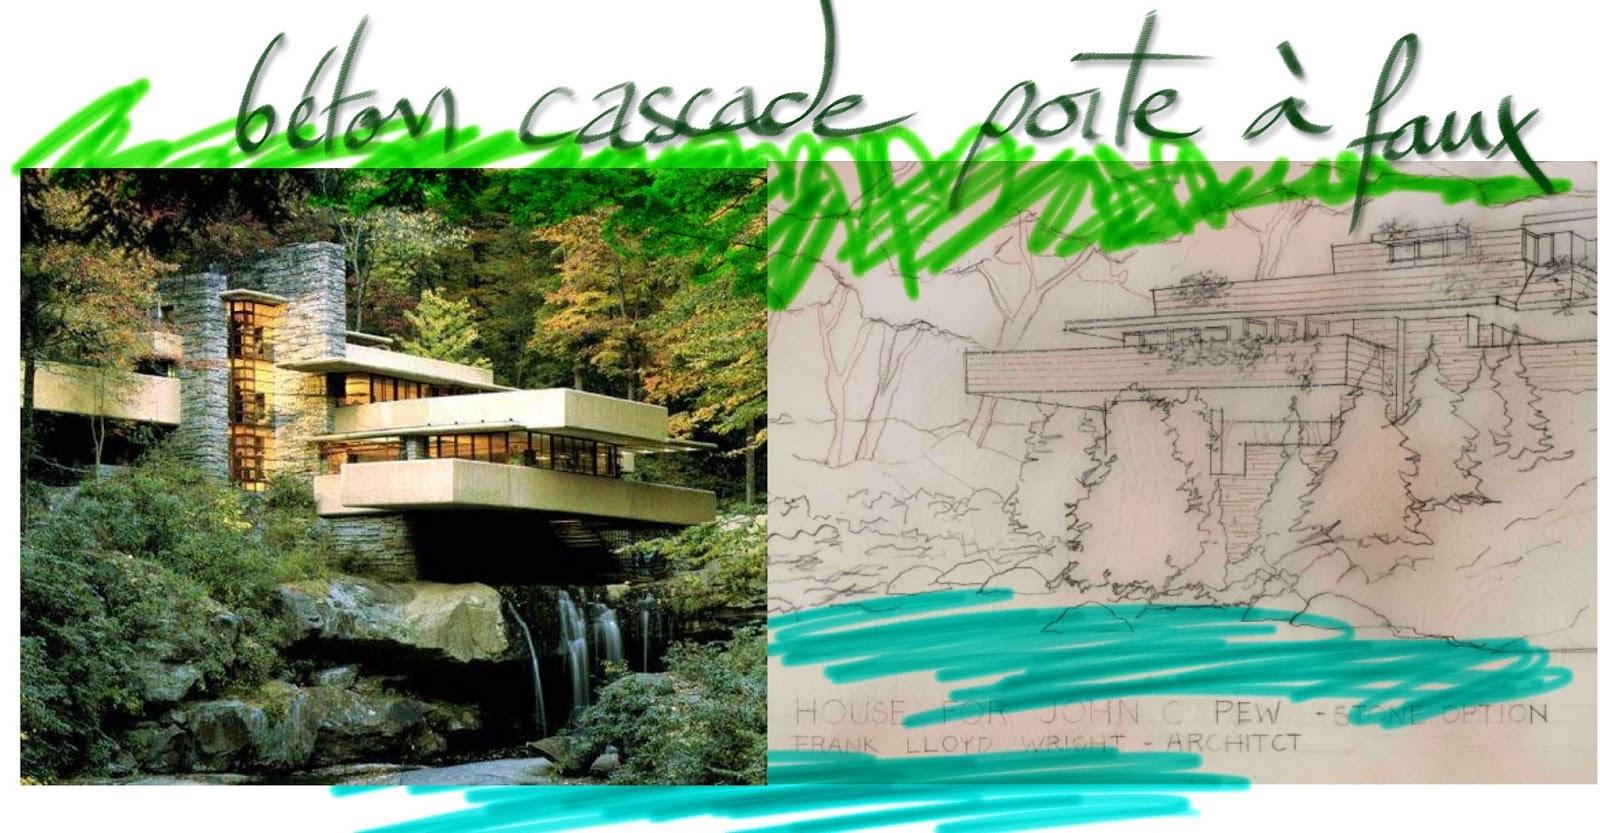 Gilbr arts maison cascade wright for Maison cascade